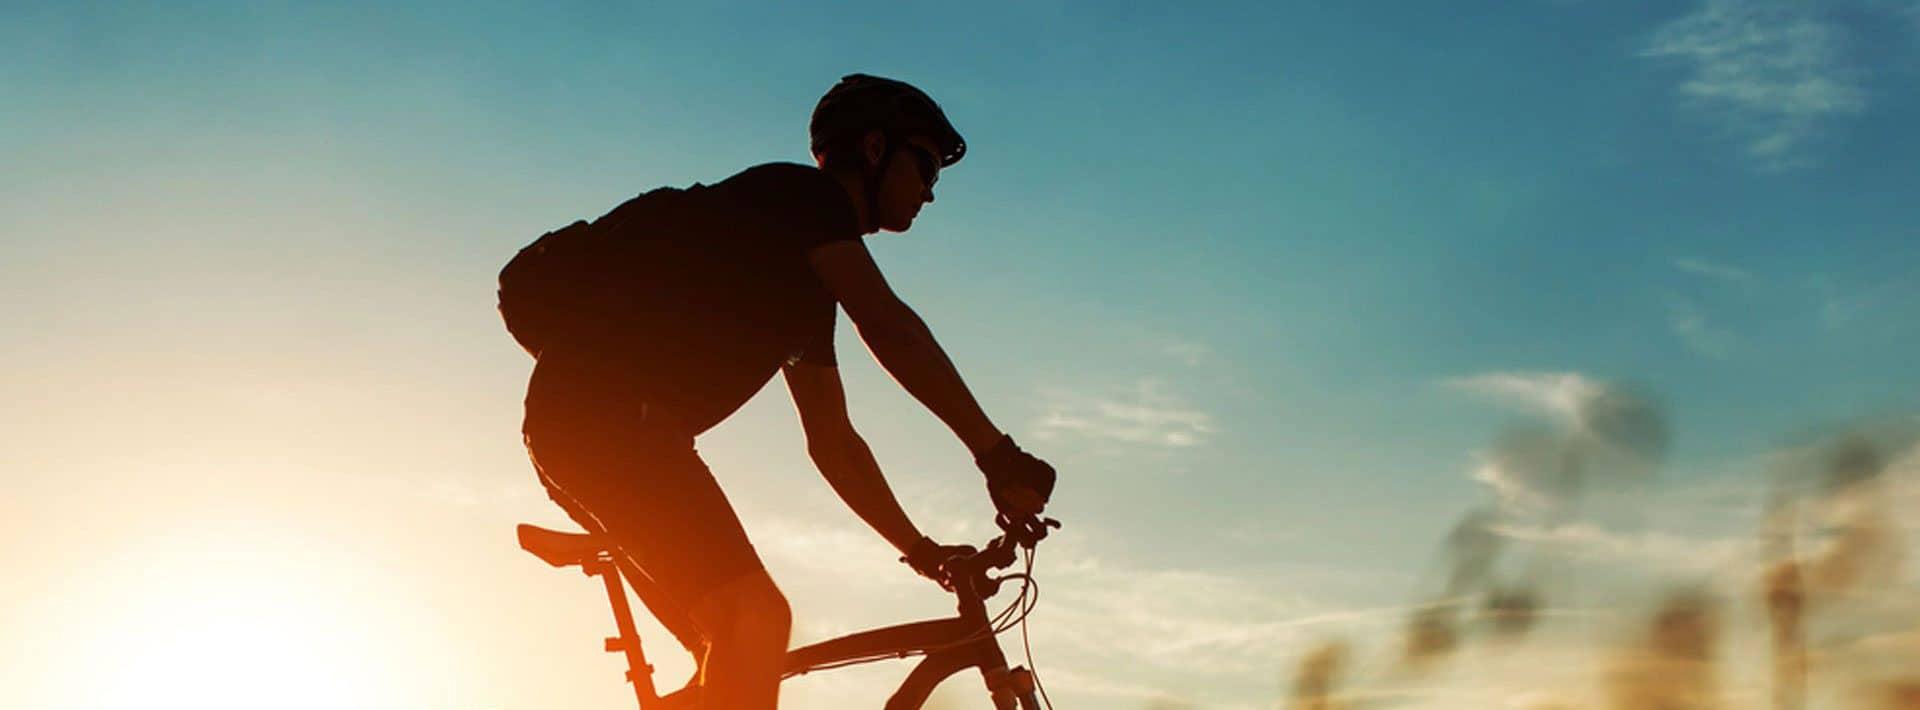 banner-1920x710-bike